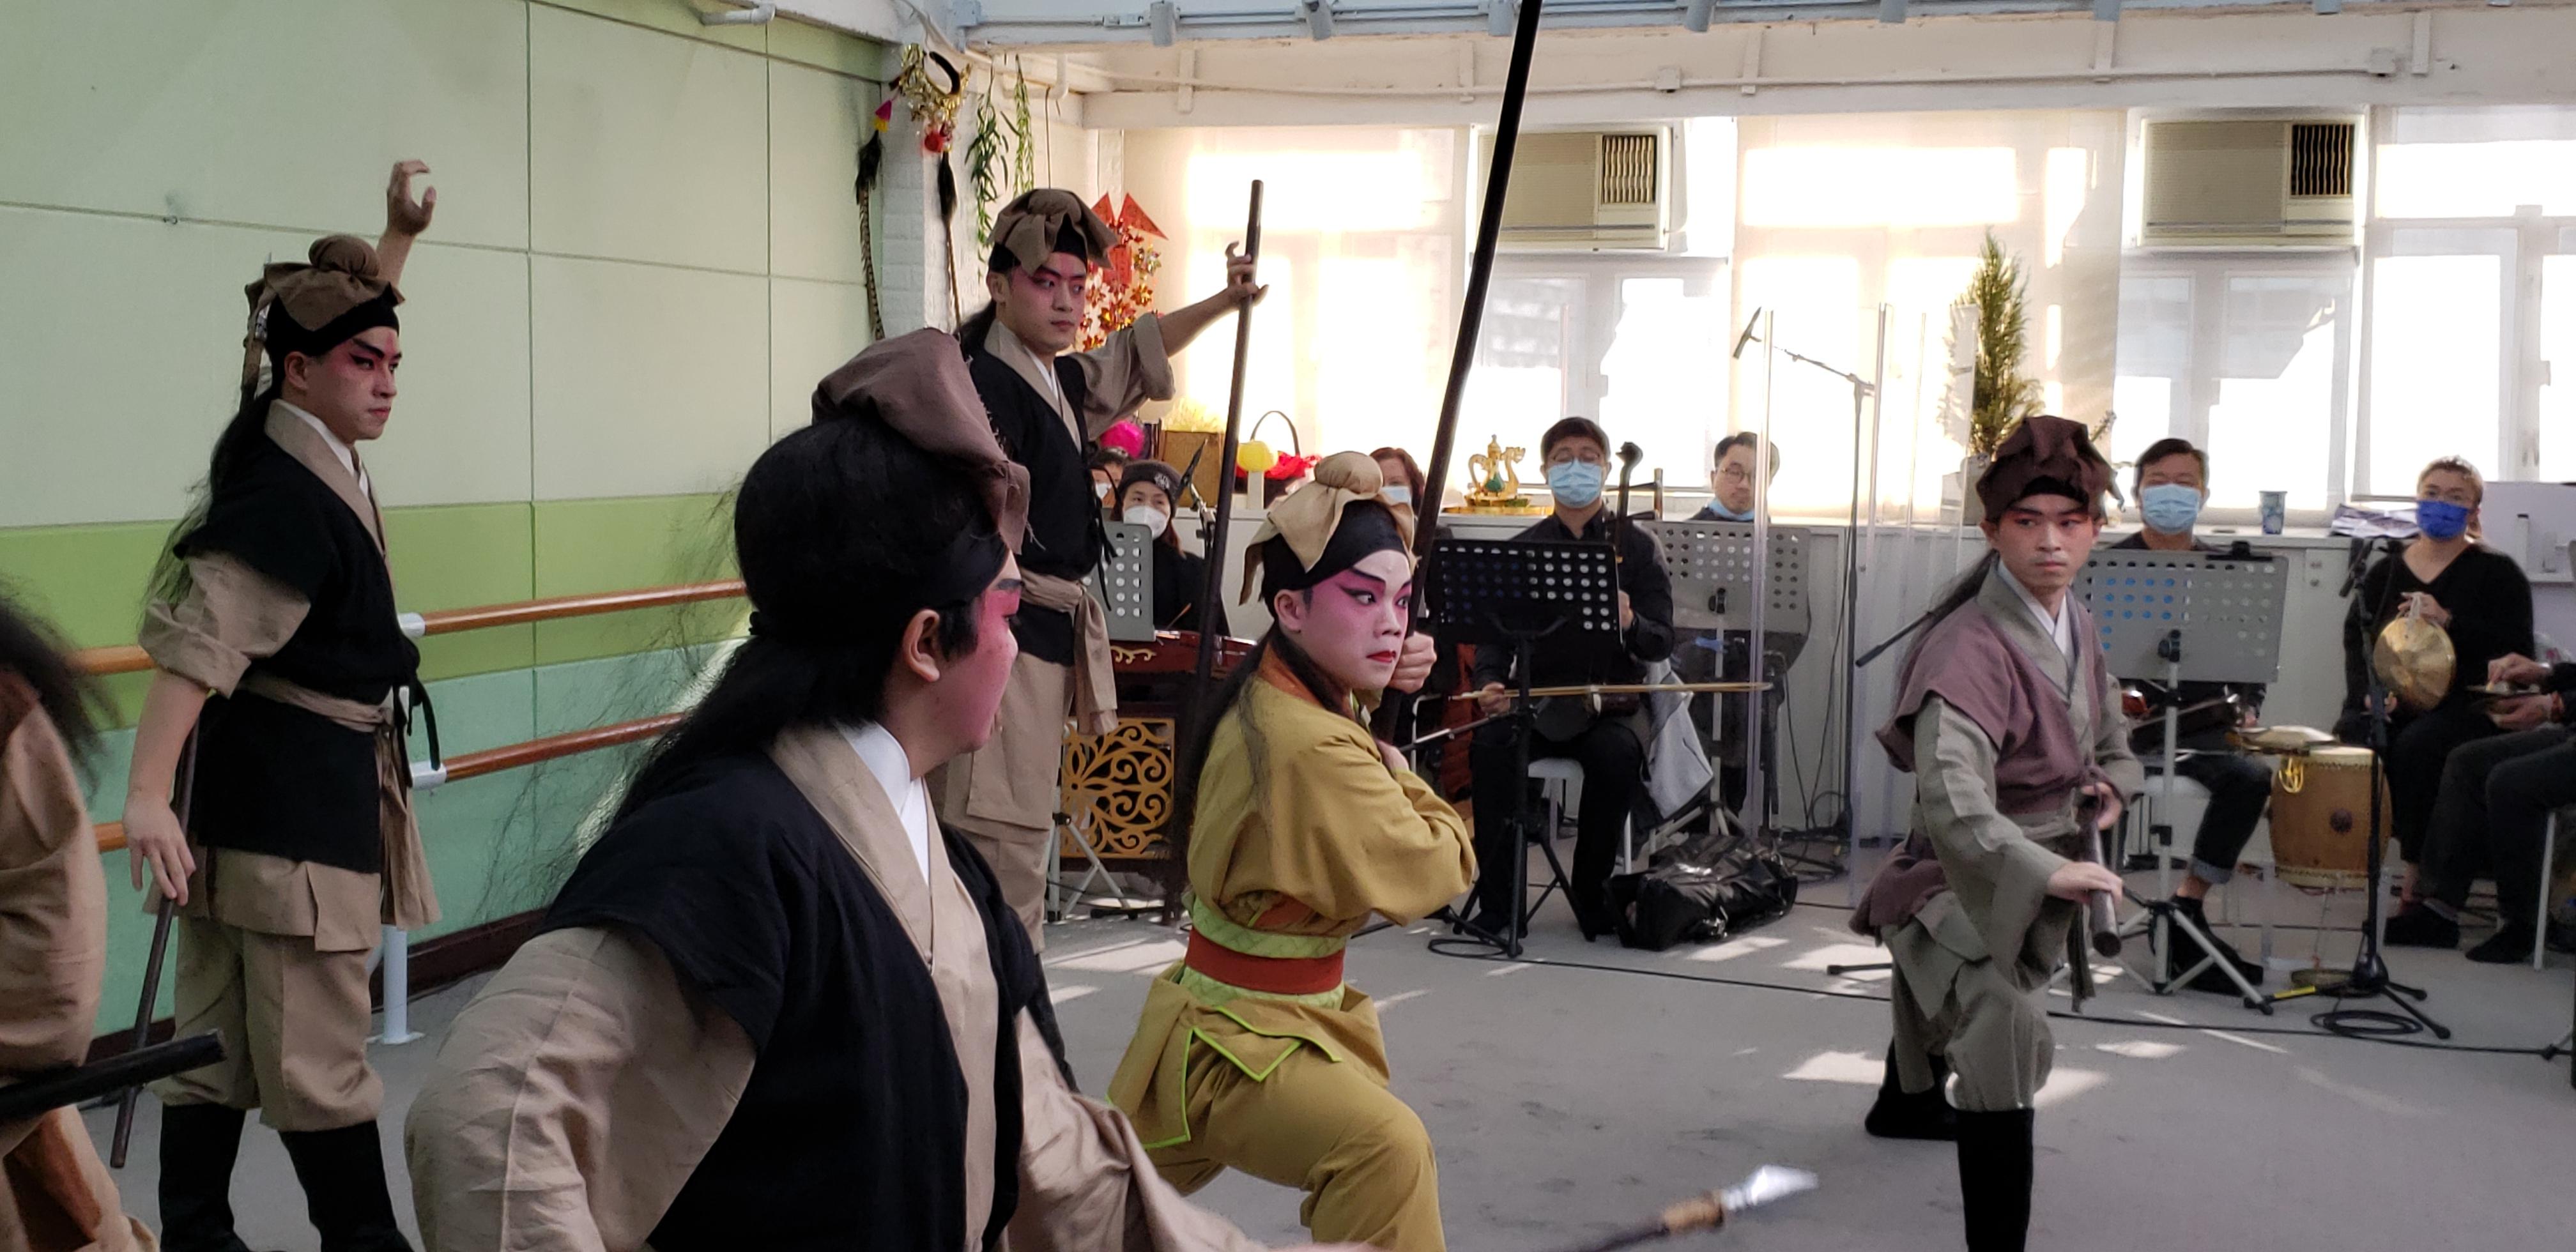 粵劇《挪亞方舟》的演員正密鑼緊鼓排練